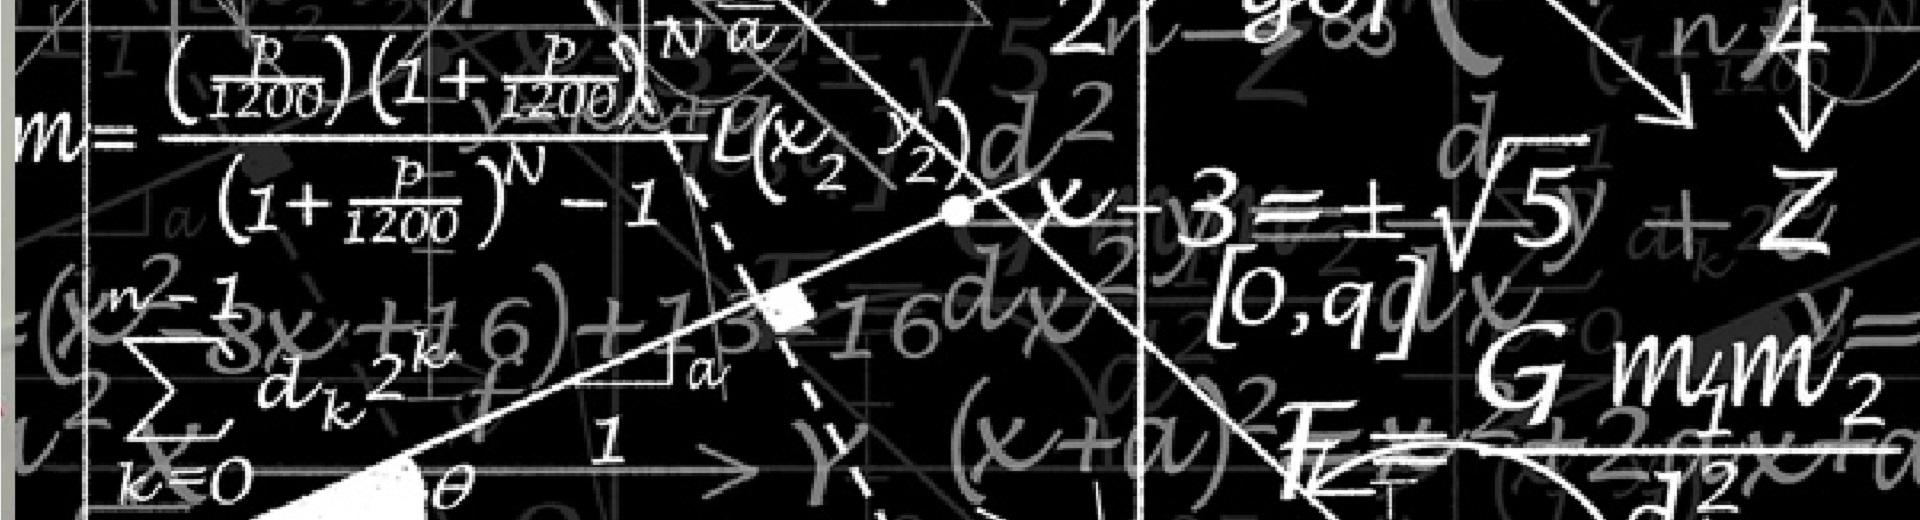 Портал КФУ \ Образование \ Институт физики \ Институт физики \ Кафедры \ Кафедра теоретической физики \ Документы